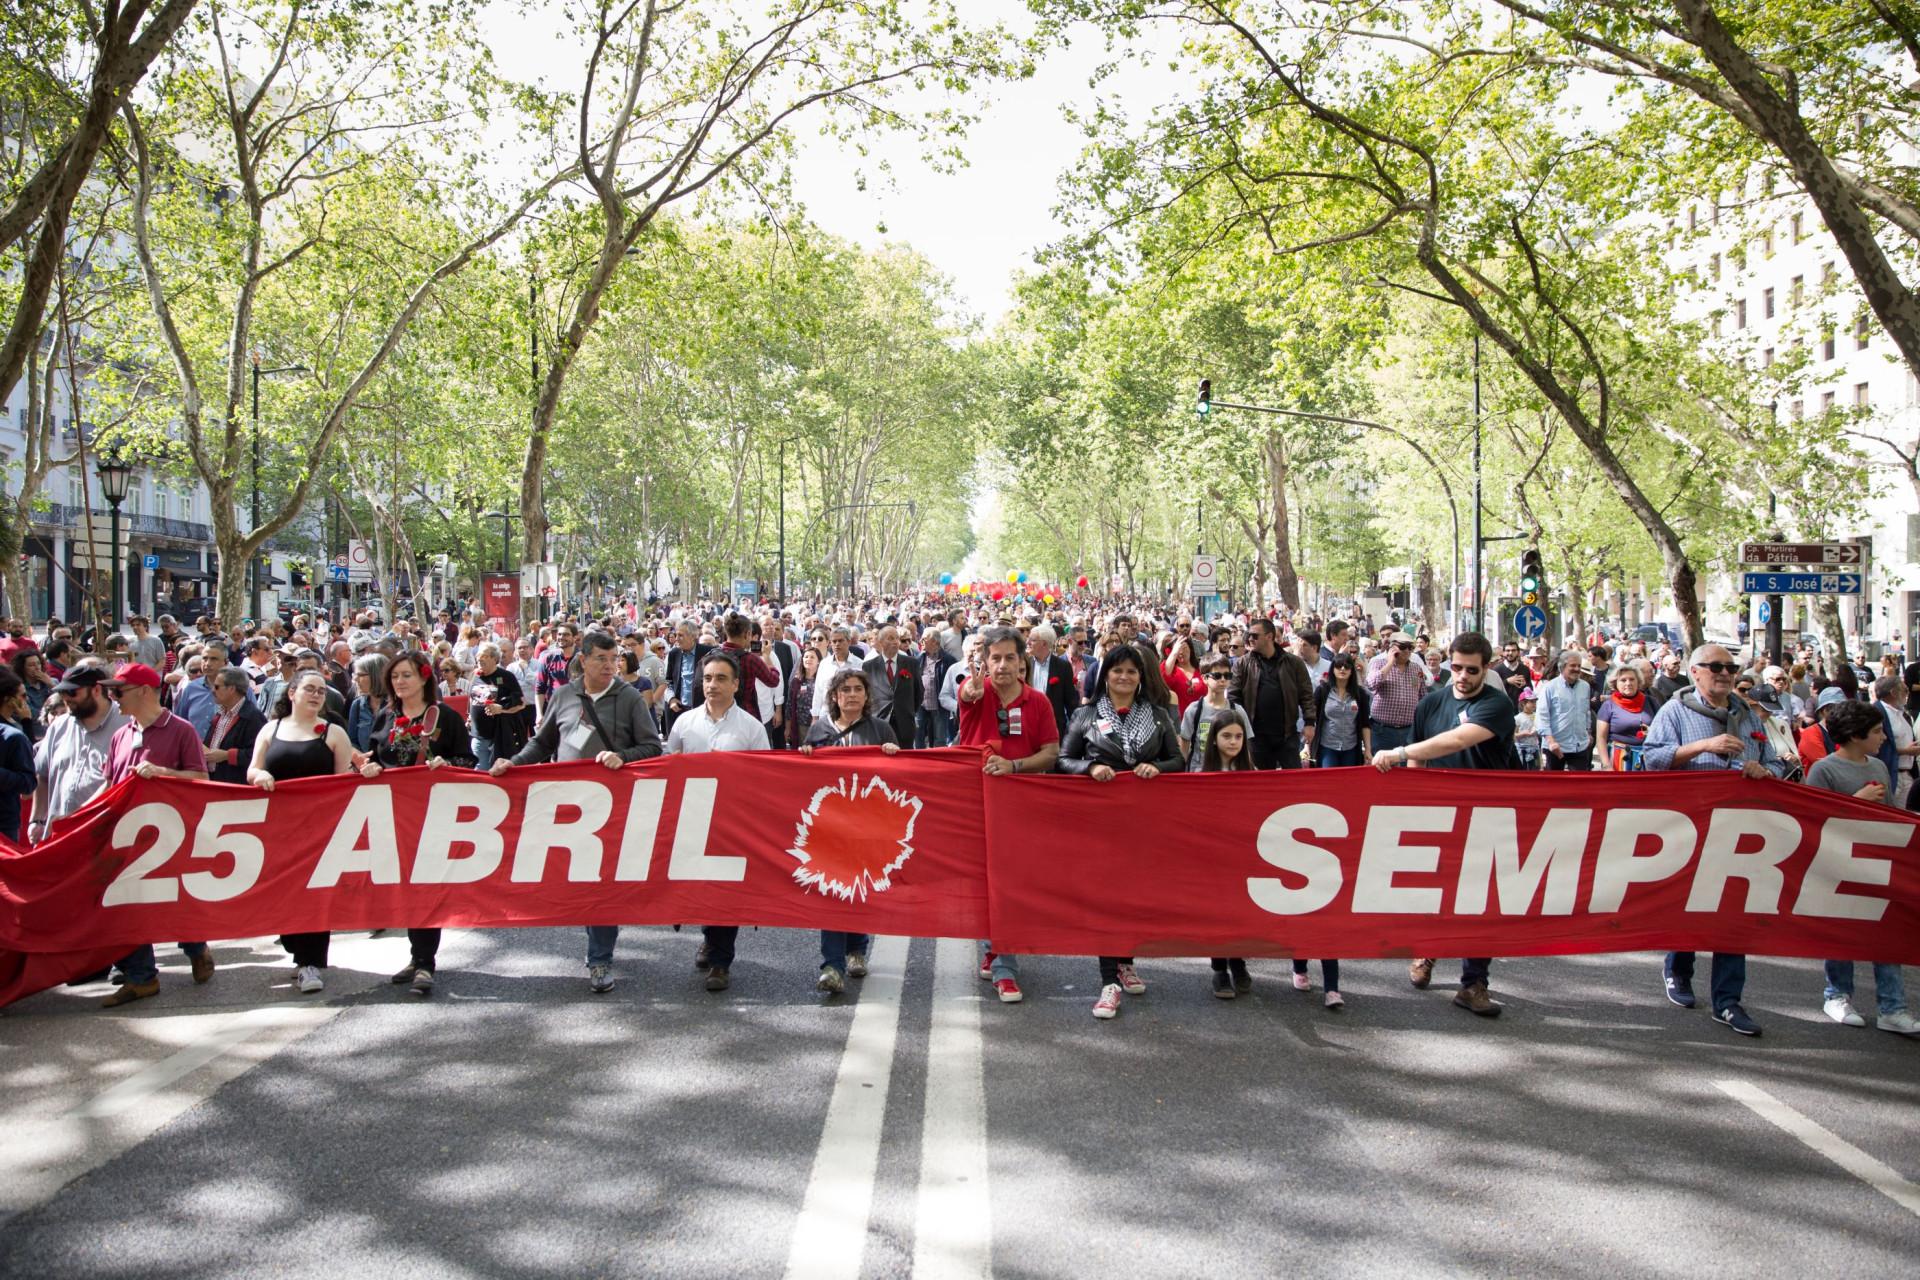 Mais de 40 anos depois, o Dia da Liberdade continua a levar o povo à rua